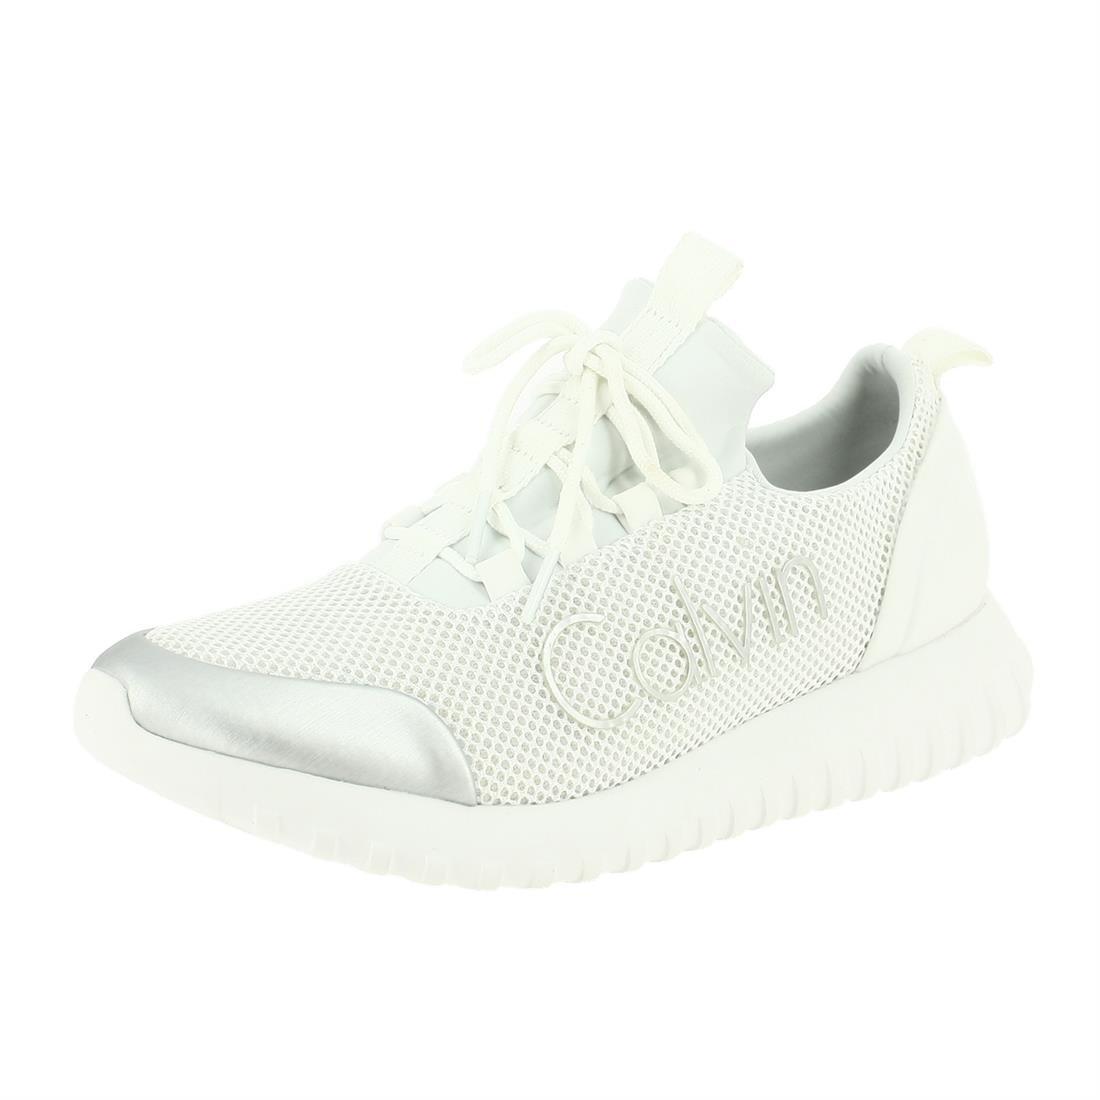 7c887bb81b Calvin Klein Ron White Silver S0506WHITESILVER, Trainers - 40 EU:  Amazon.co.uk: Shoes & Bags